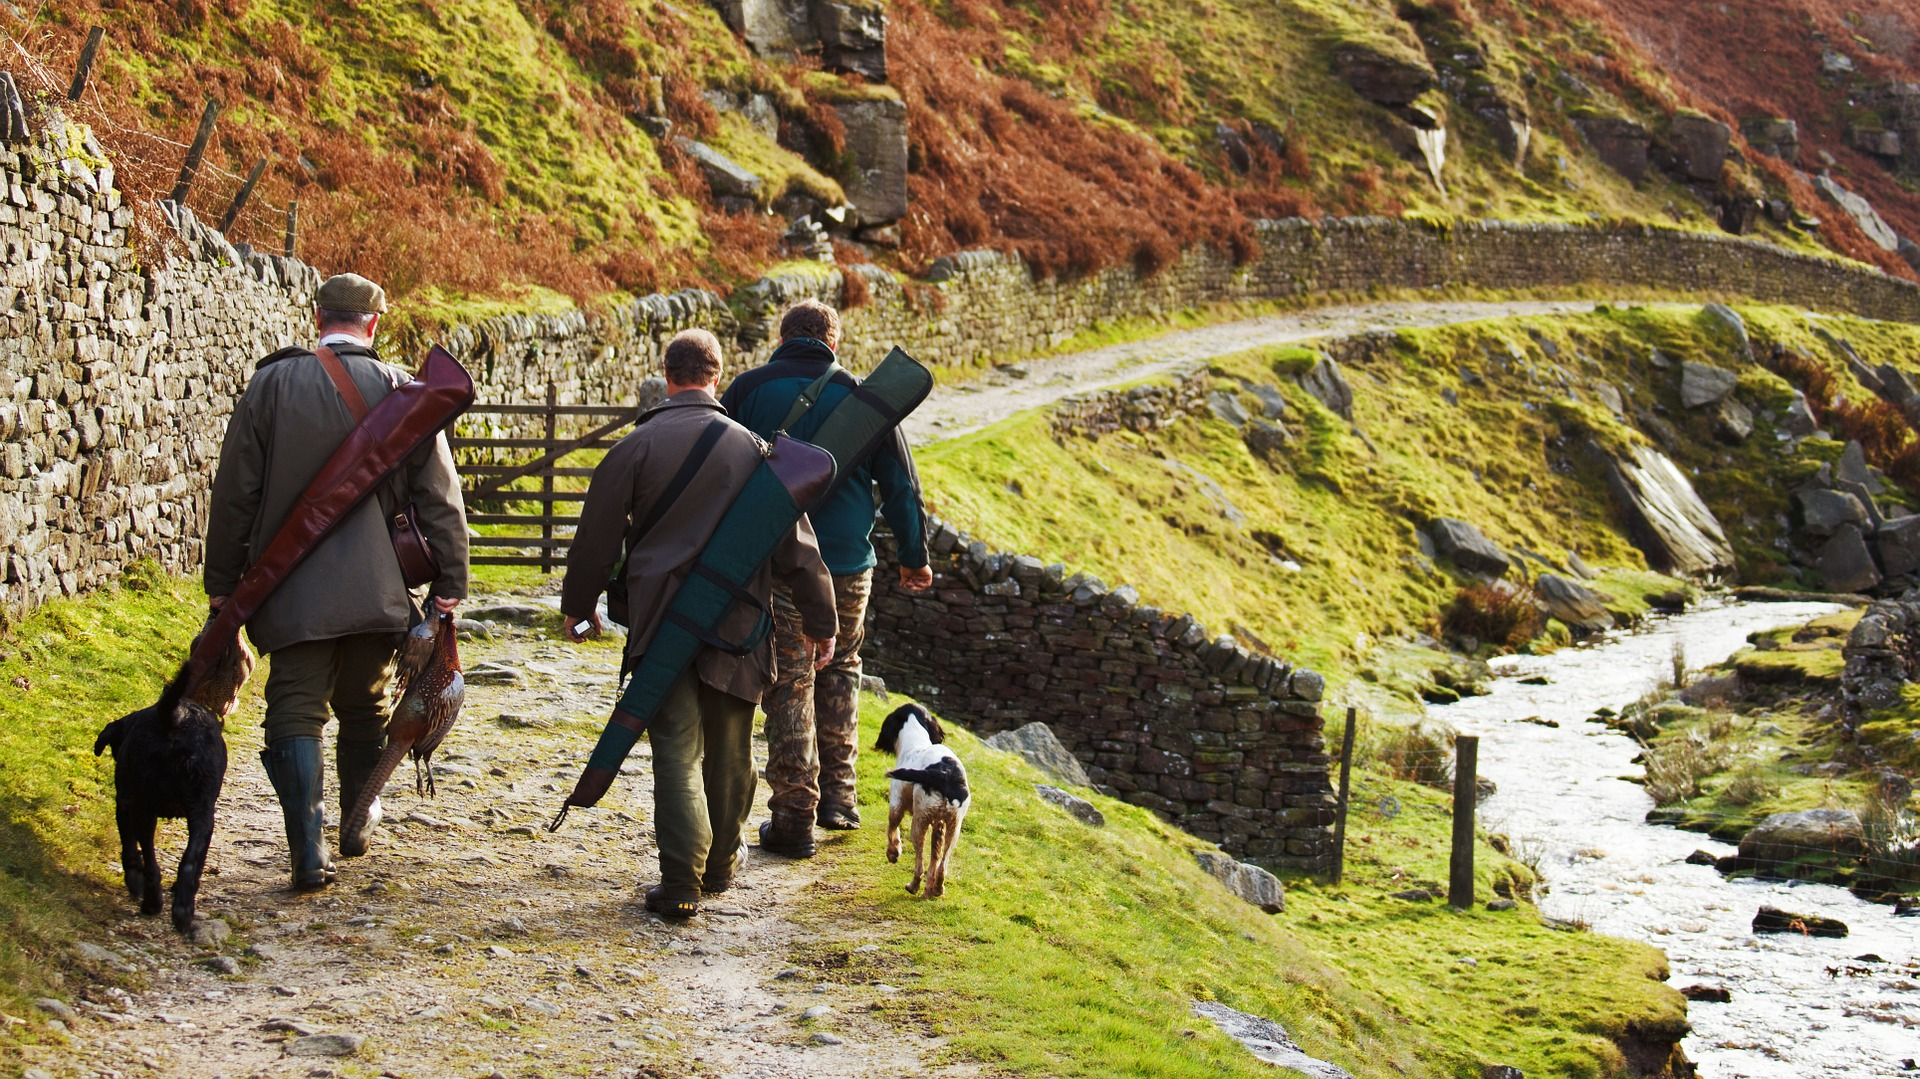 Cacciatori con cani che vanno a caccia